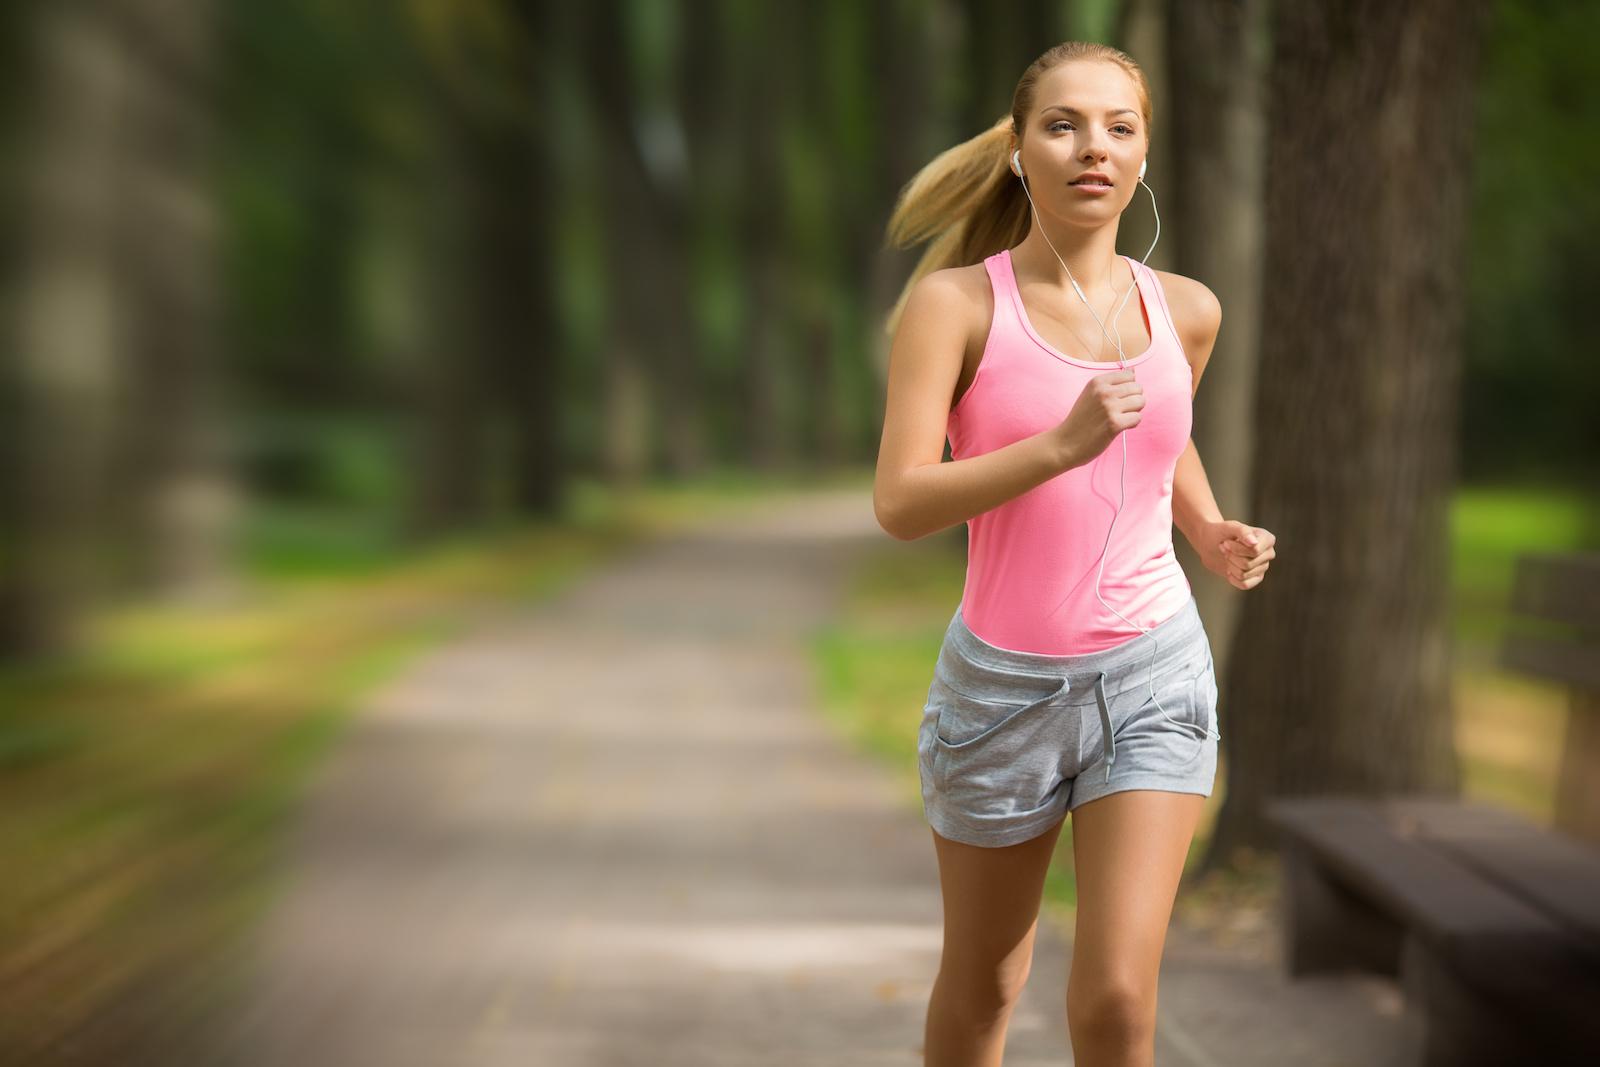 Cardio Training am Morgen oder am Abend - was sind die Vorteile und Nachteile?